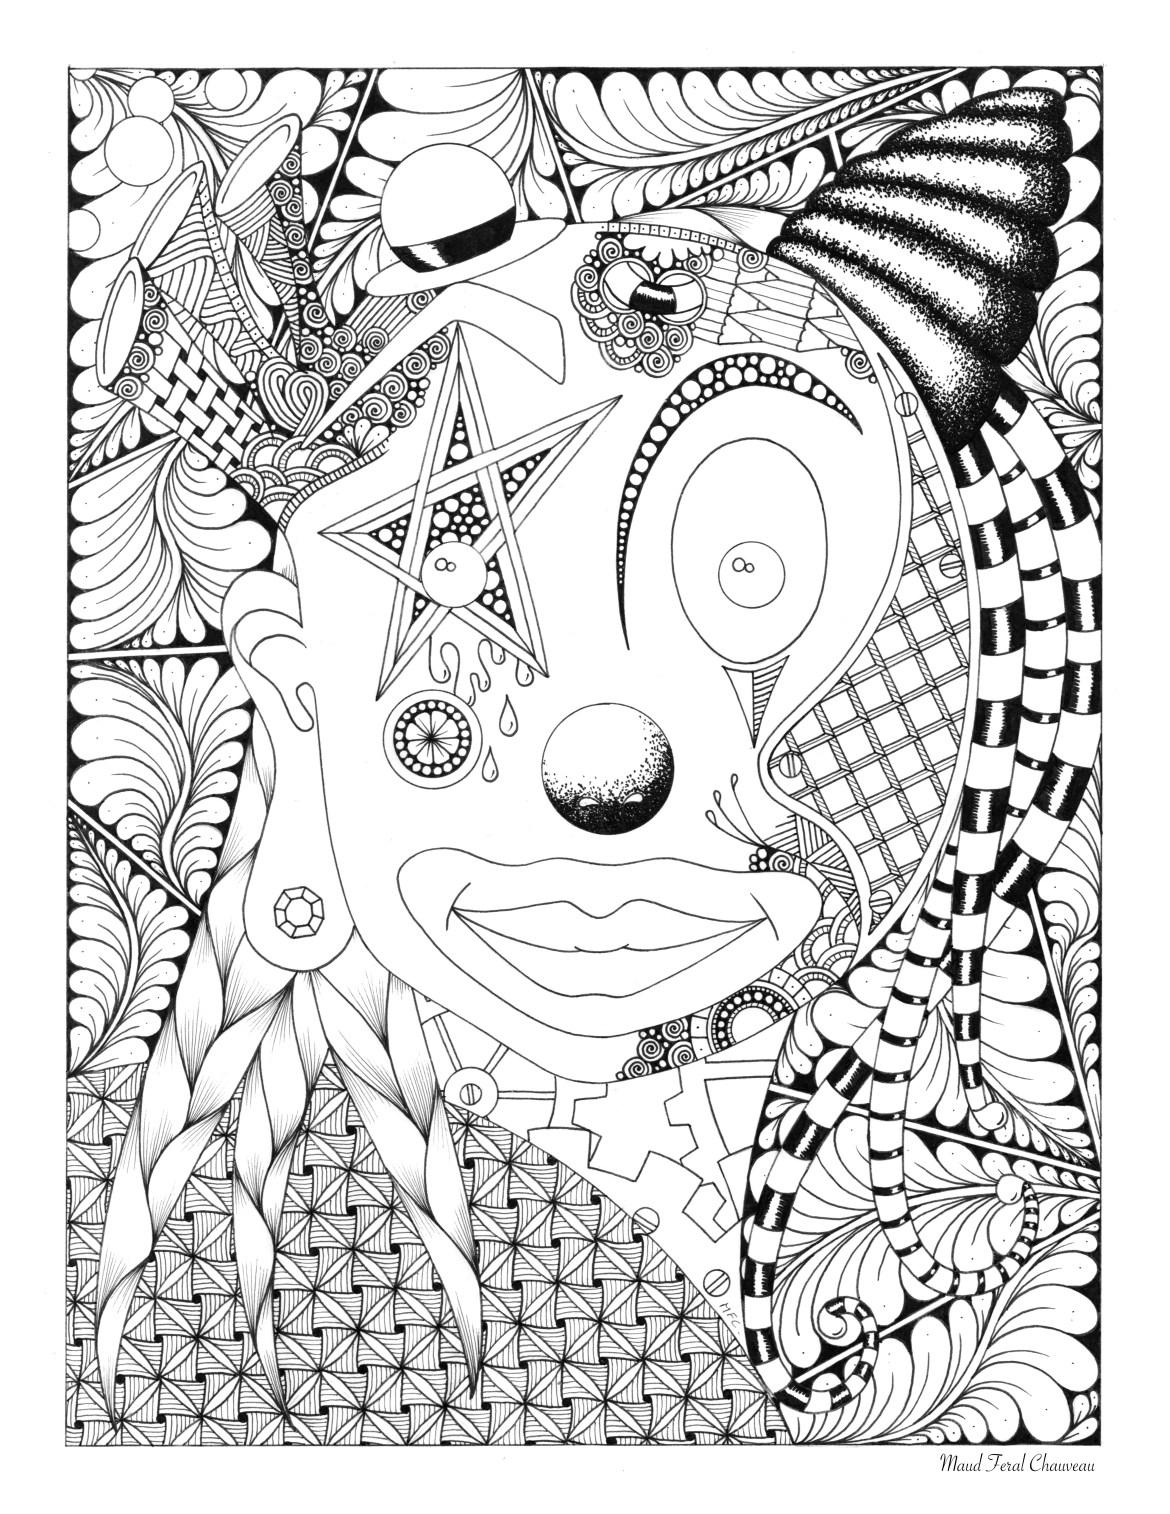 Coloriage Clown Adulte.Dessin De Clown A Colorier Par Maud Feral Artherapie Ca